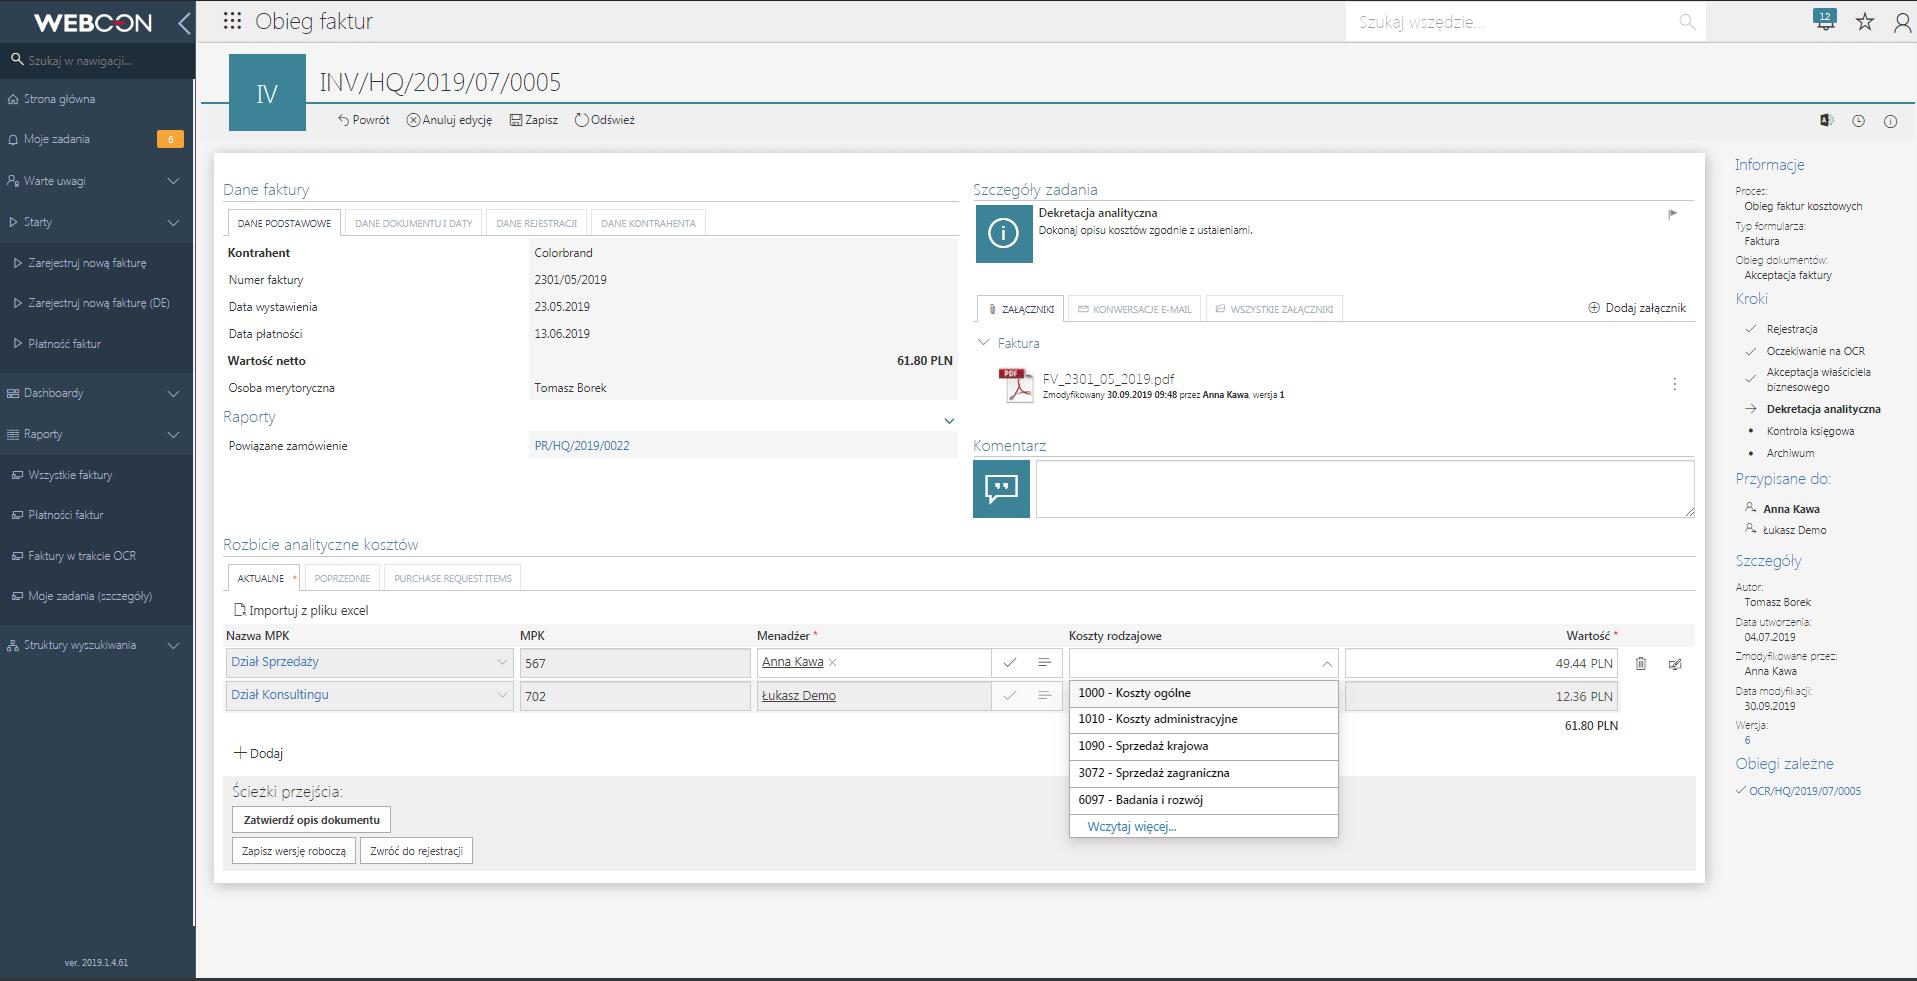 Dekretacja analityczna WEBCON BPS